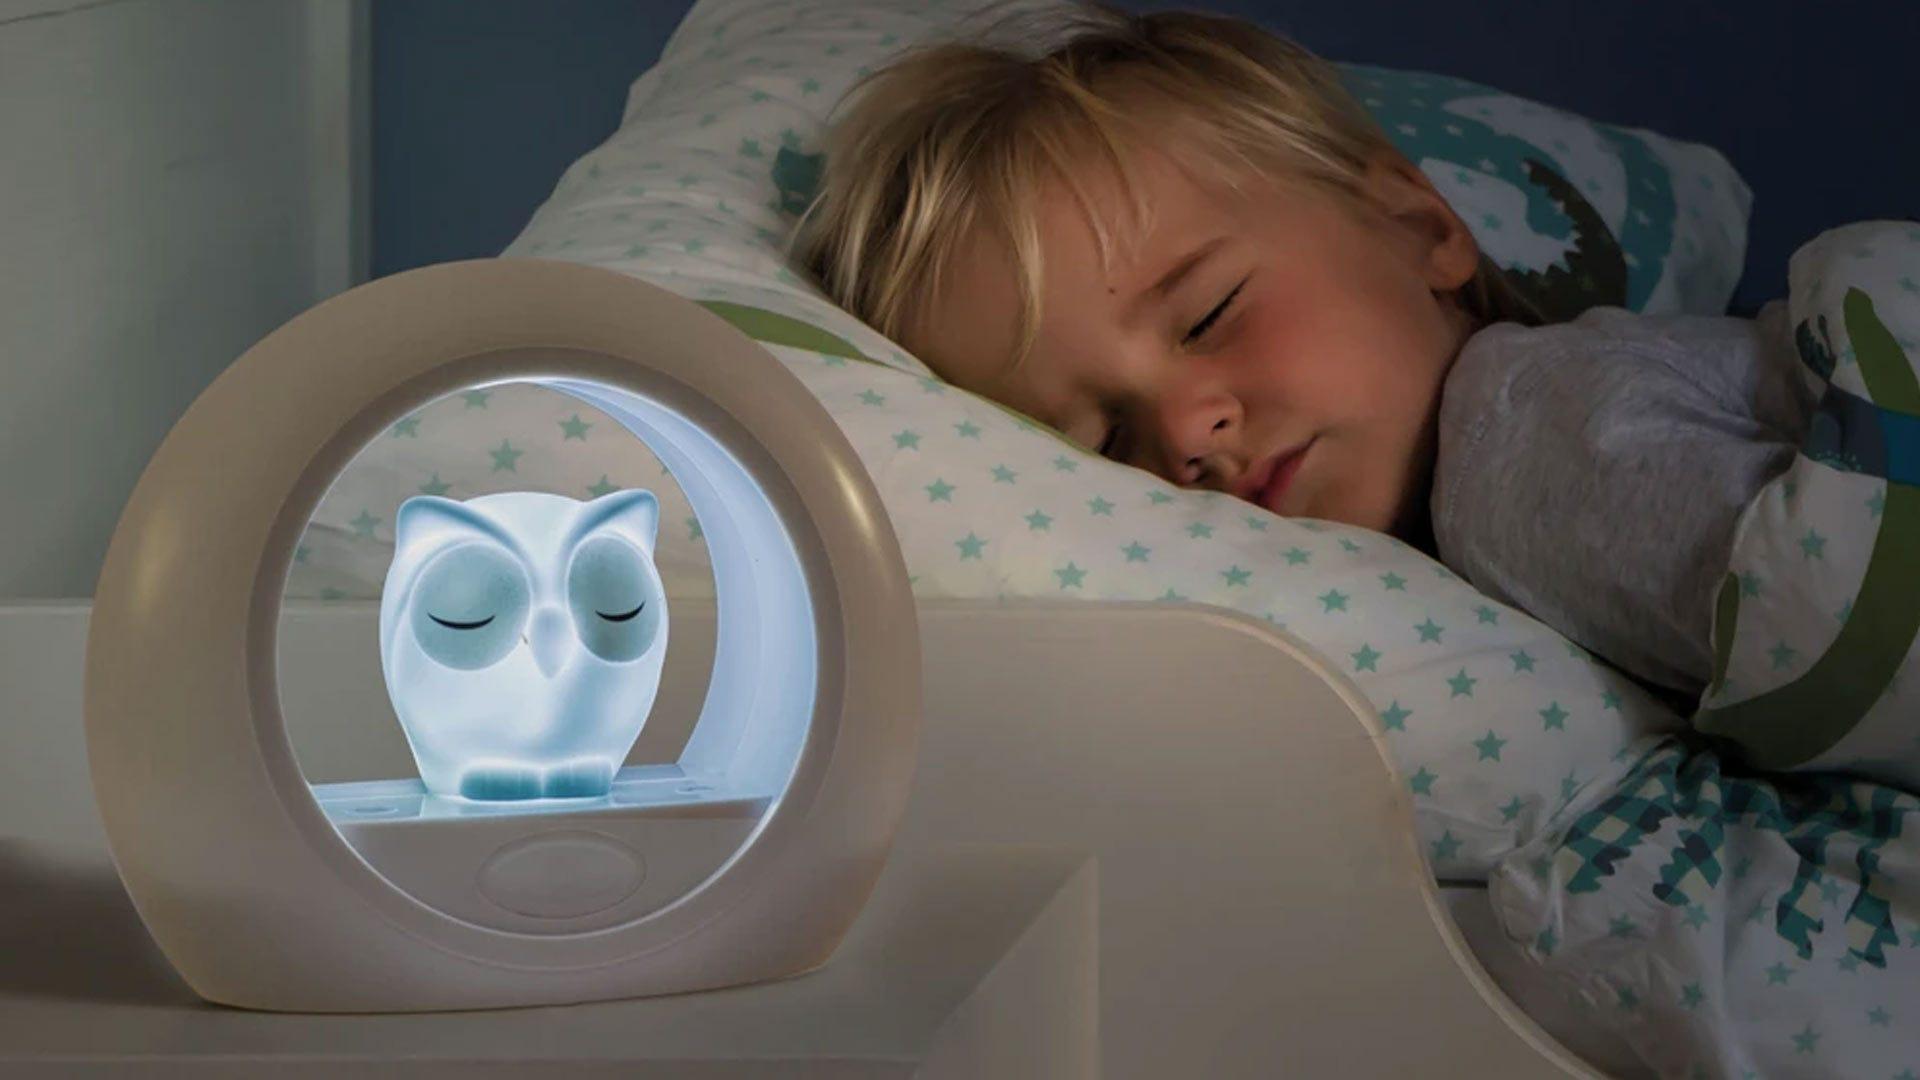 A boy sleeping with an owl nightlight.